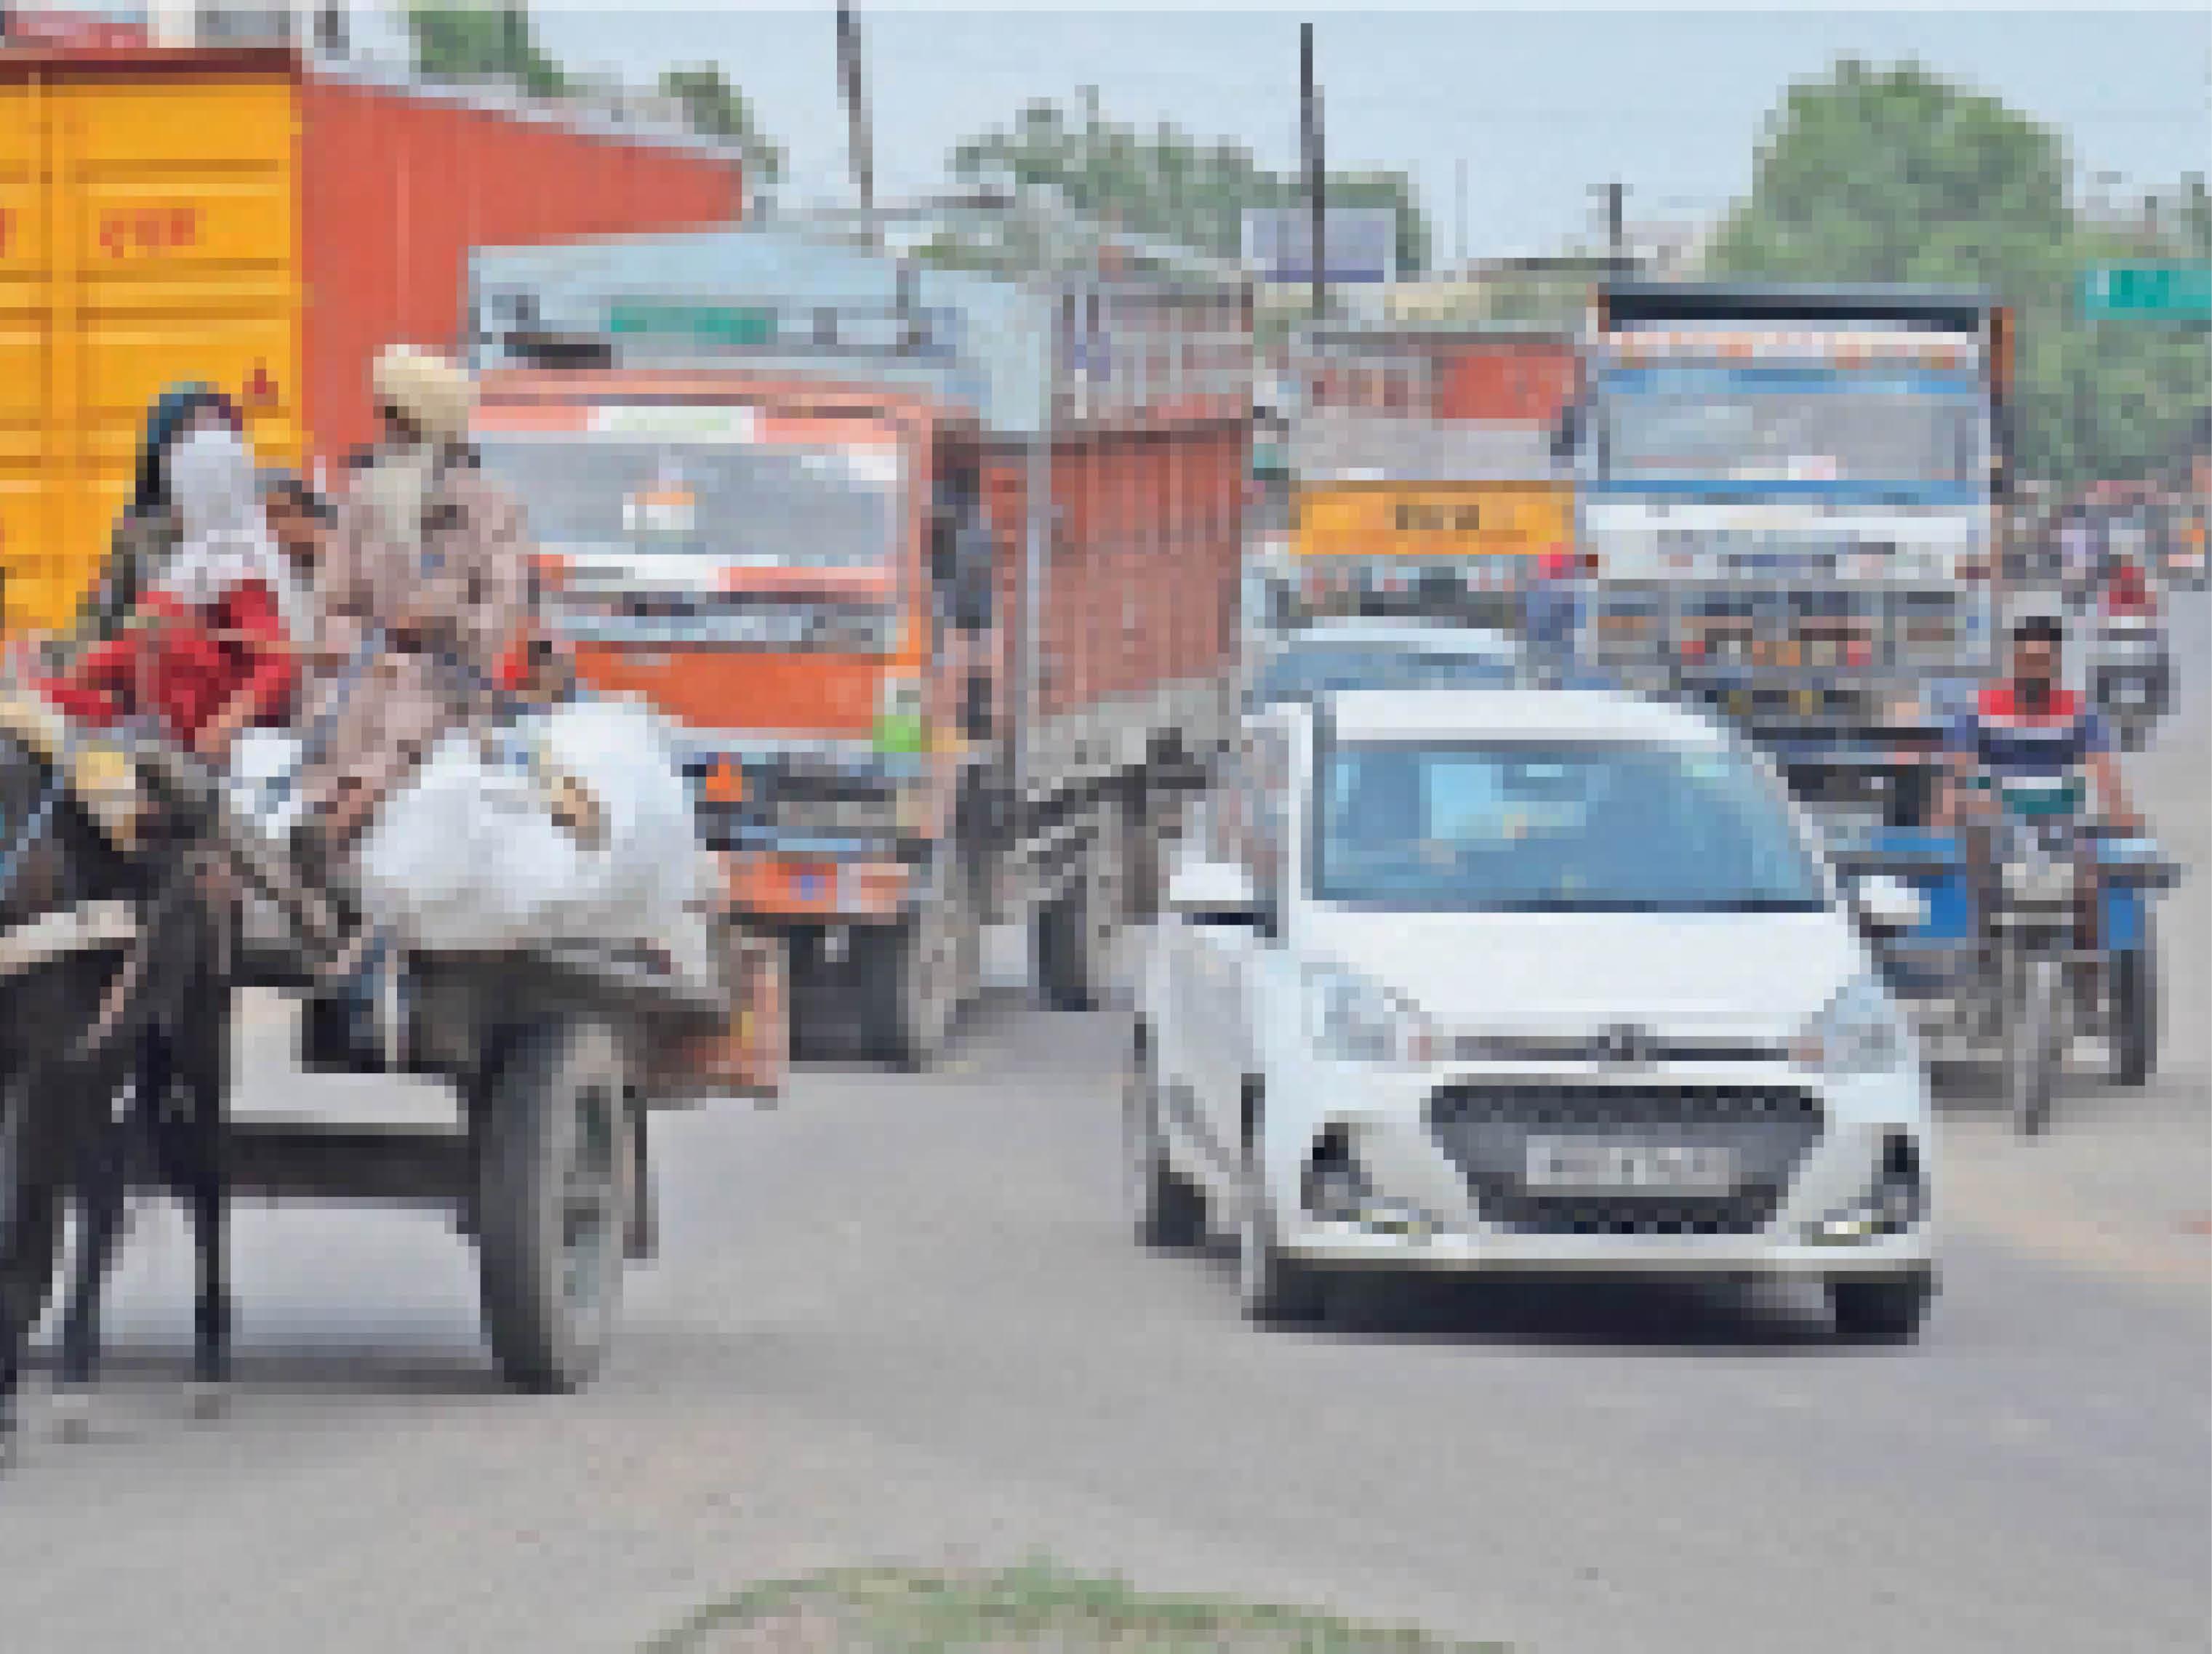 अम्बाला सिटी | अम्बाला-नारायणगढ़ राेड से गुजरते वाहन। - Dainik Bhaskar